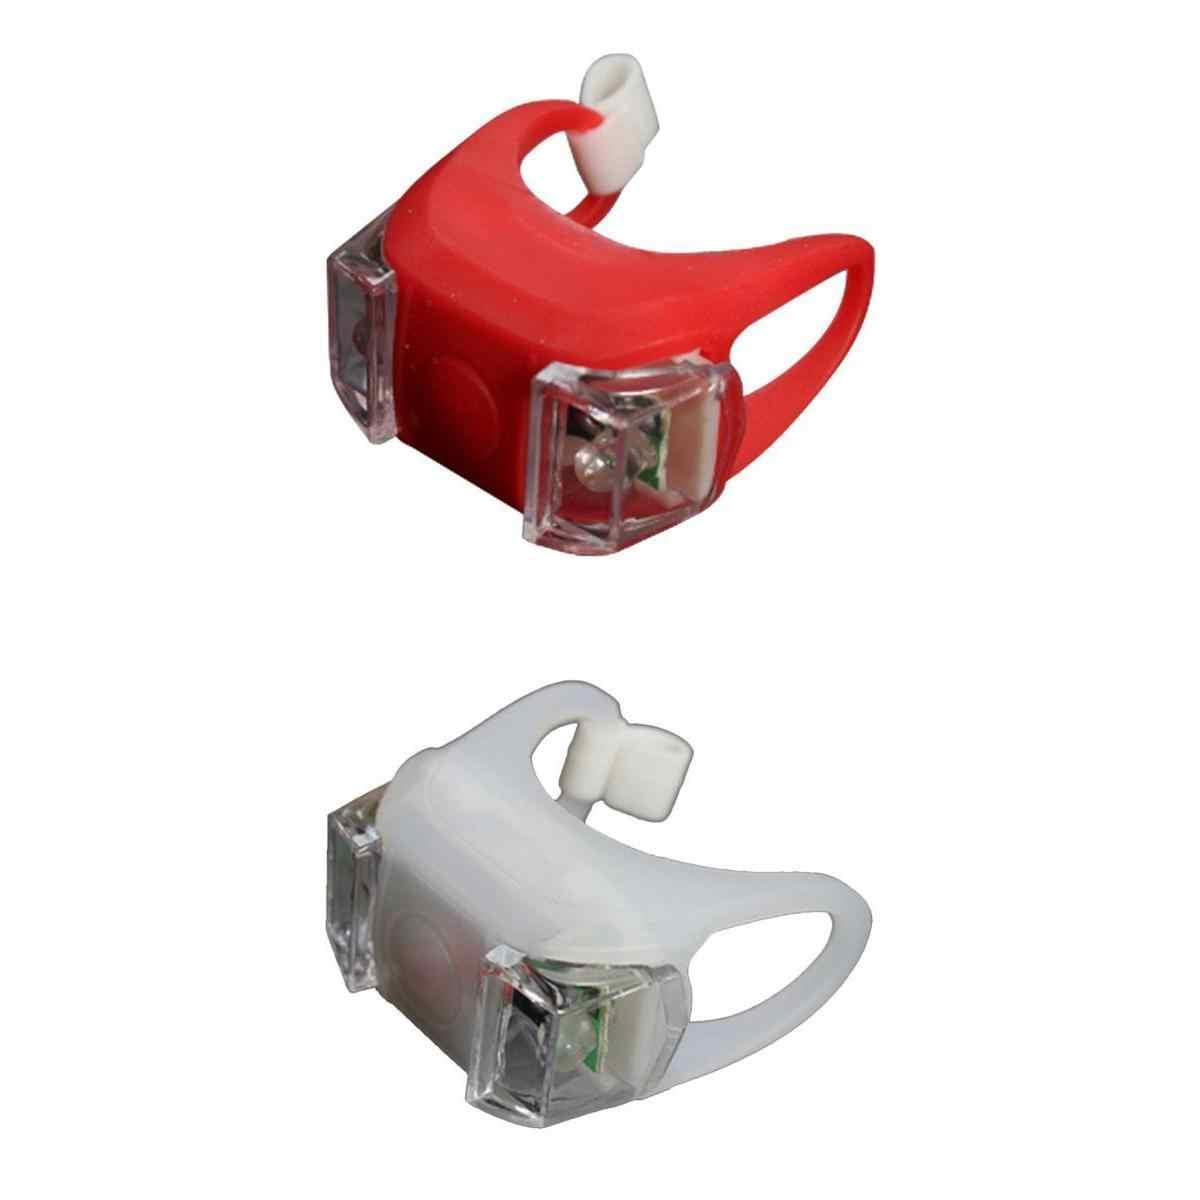 2x Led Fiets Licht Waterdicht Voor Achter, 3 Helderheid Modes, Voor Vtc Fietsen Wandelwagen Camping Rood + Wit